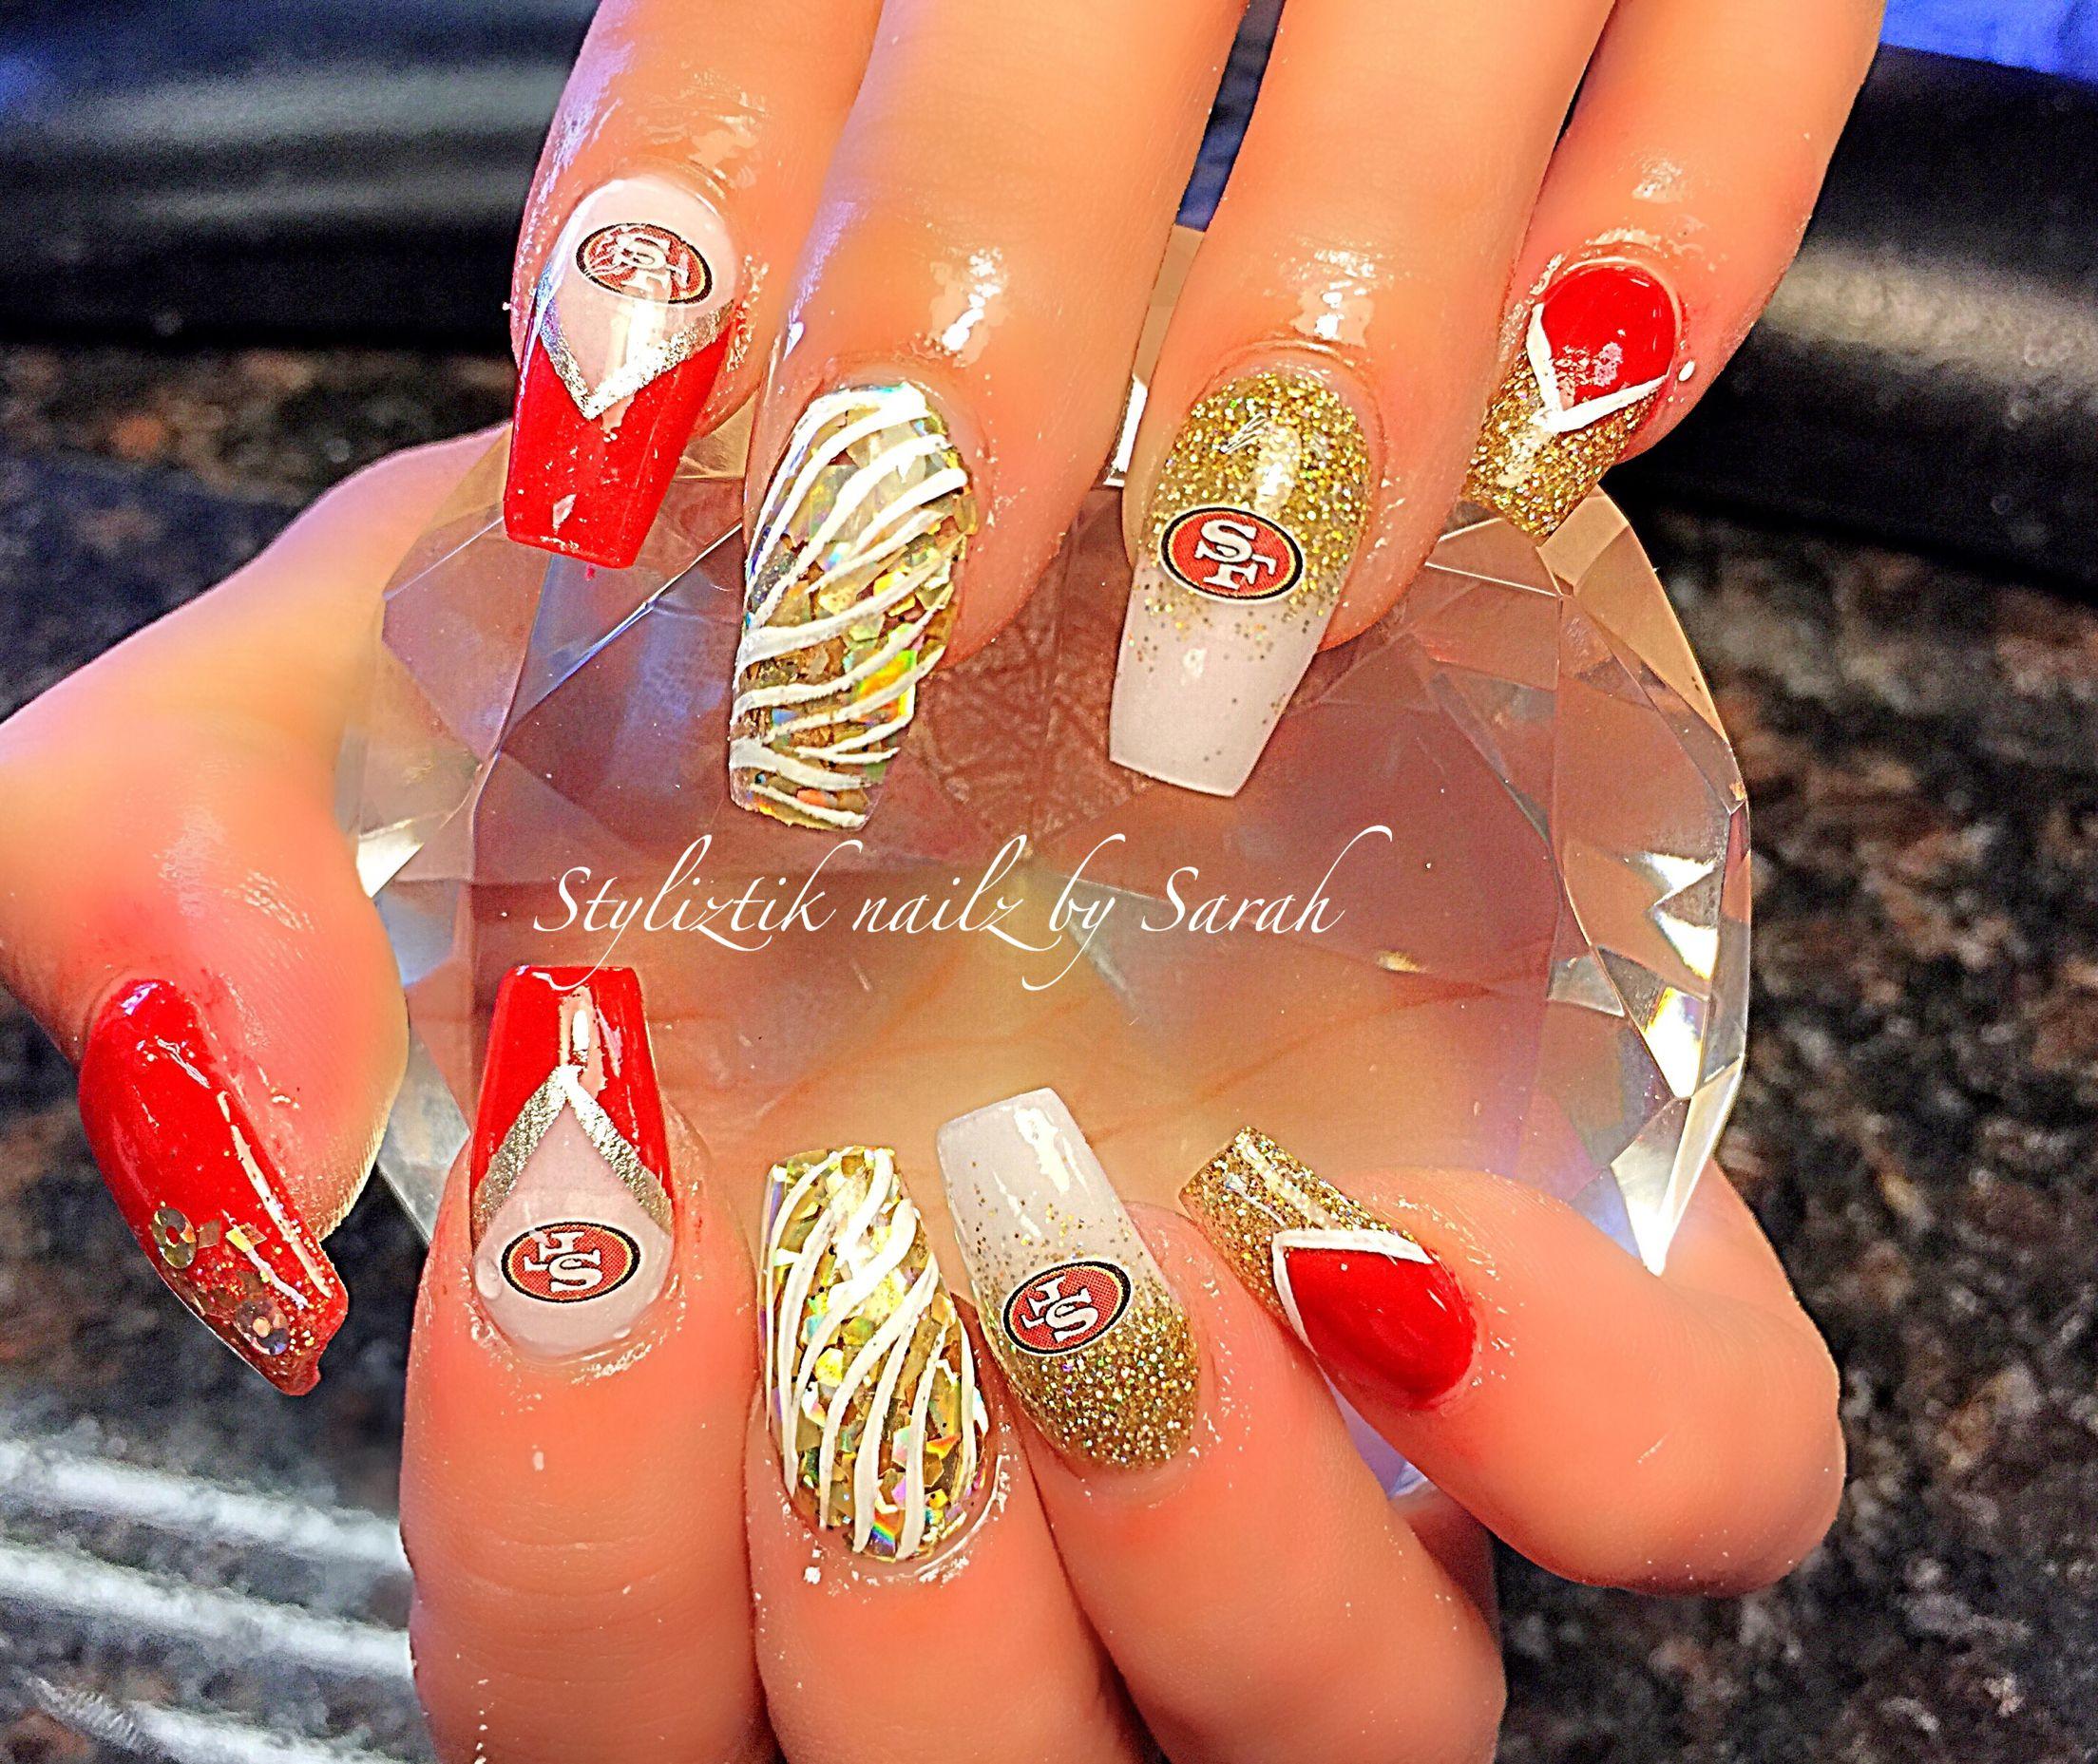 49ers Nails San Francisco Nails 49ers Nails Football Nails Hair And Nails